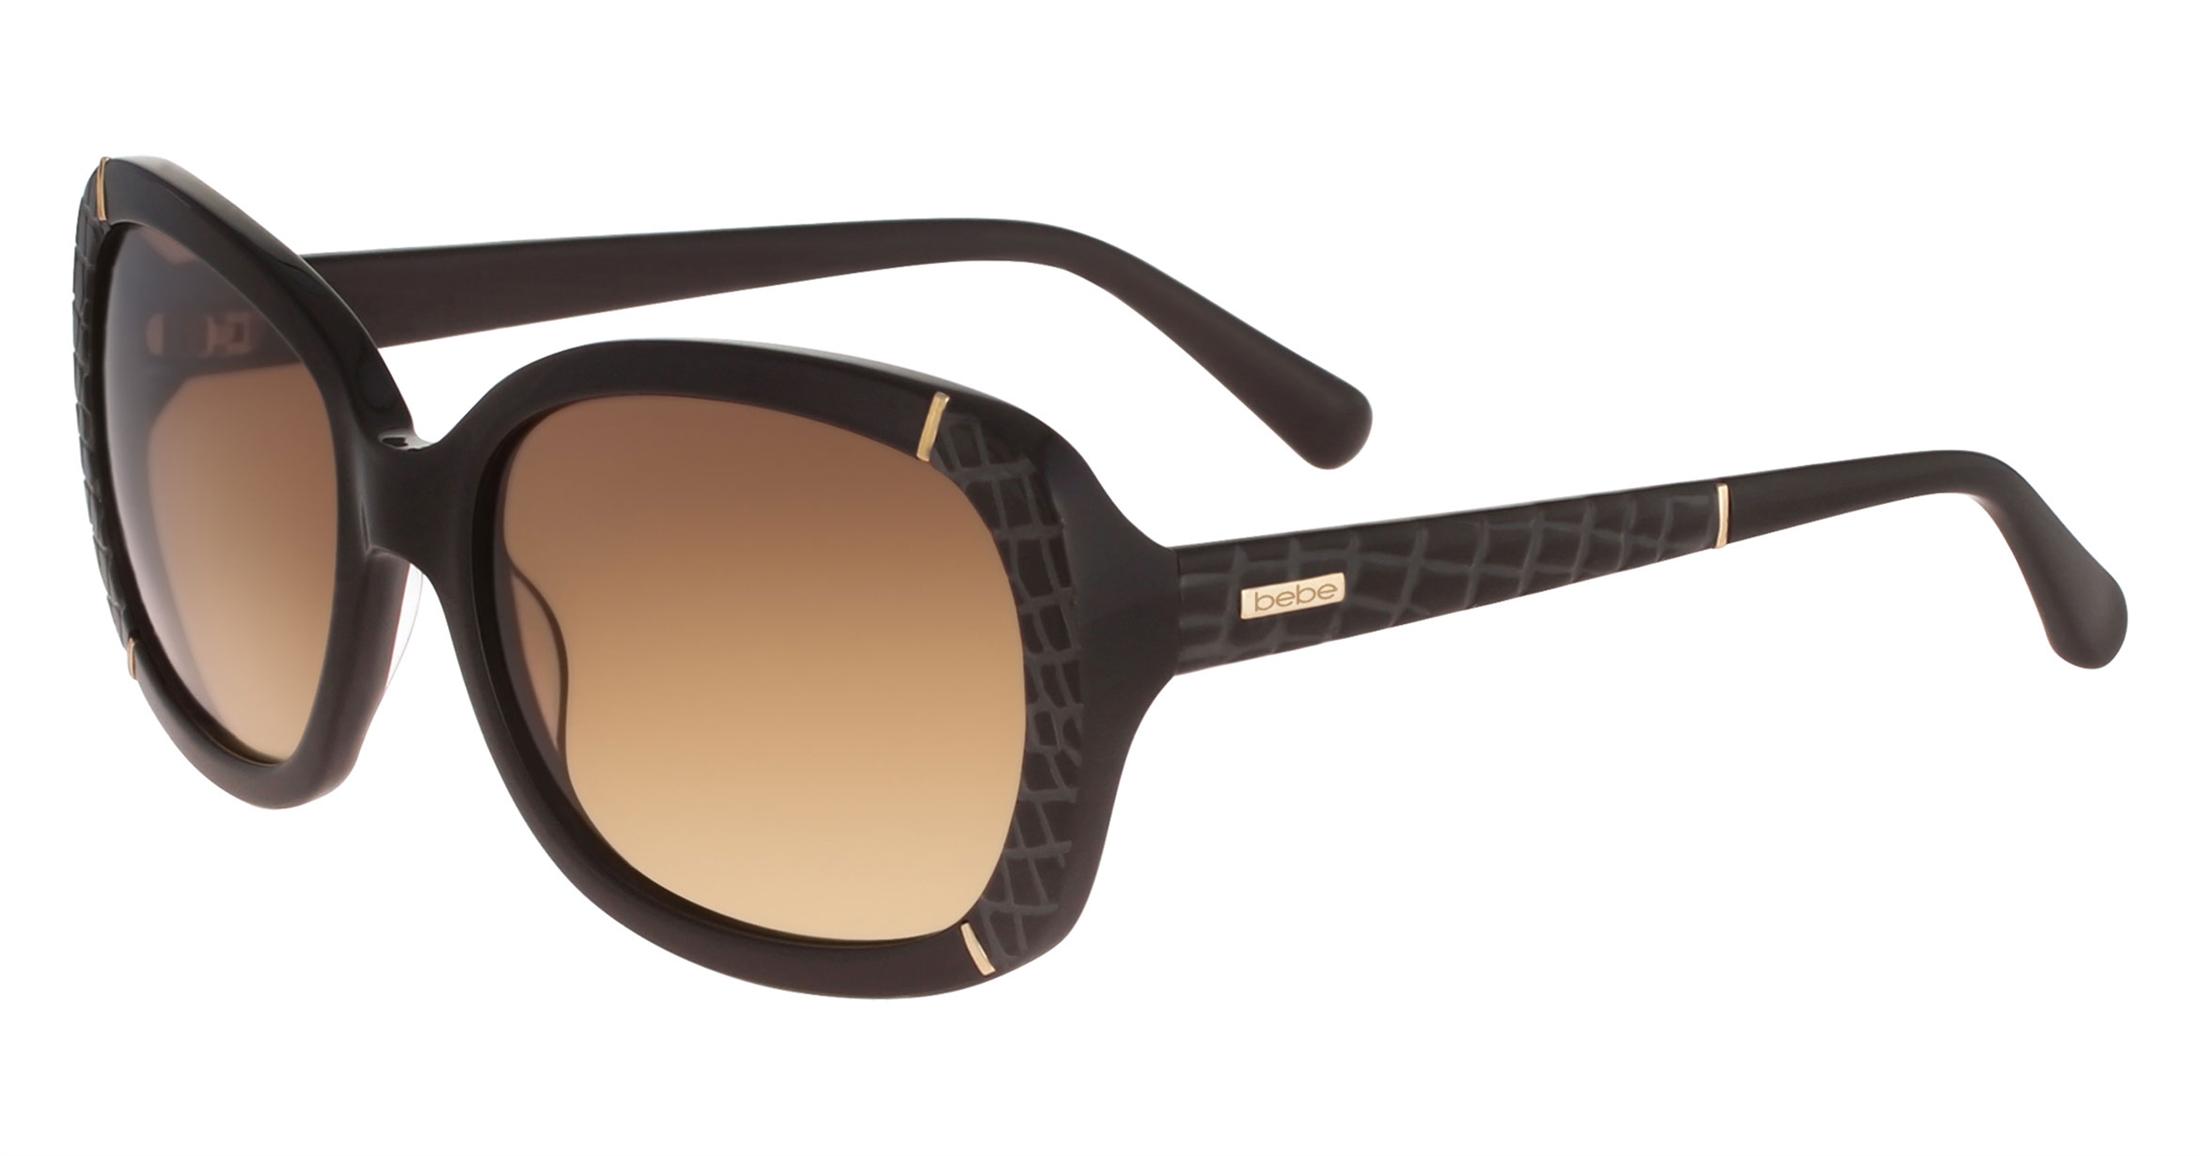 844addd8739 Can I Get Prescription Lenses For Oakley Sunglasses « Heritage Malta